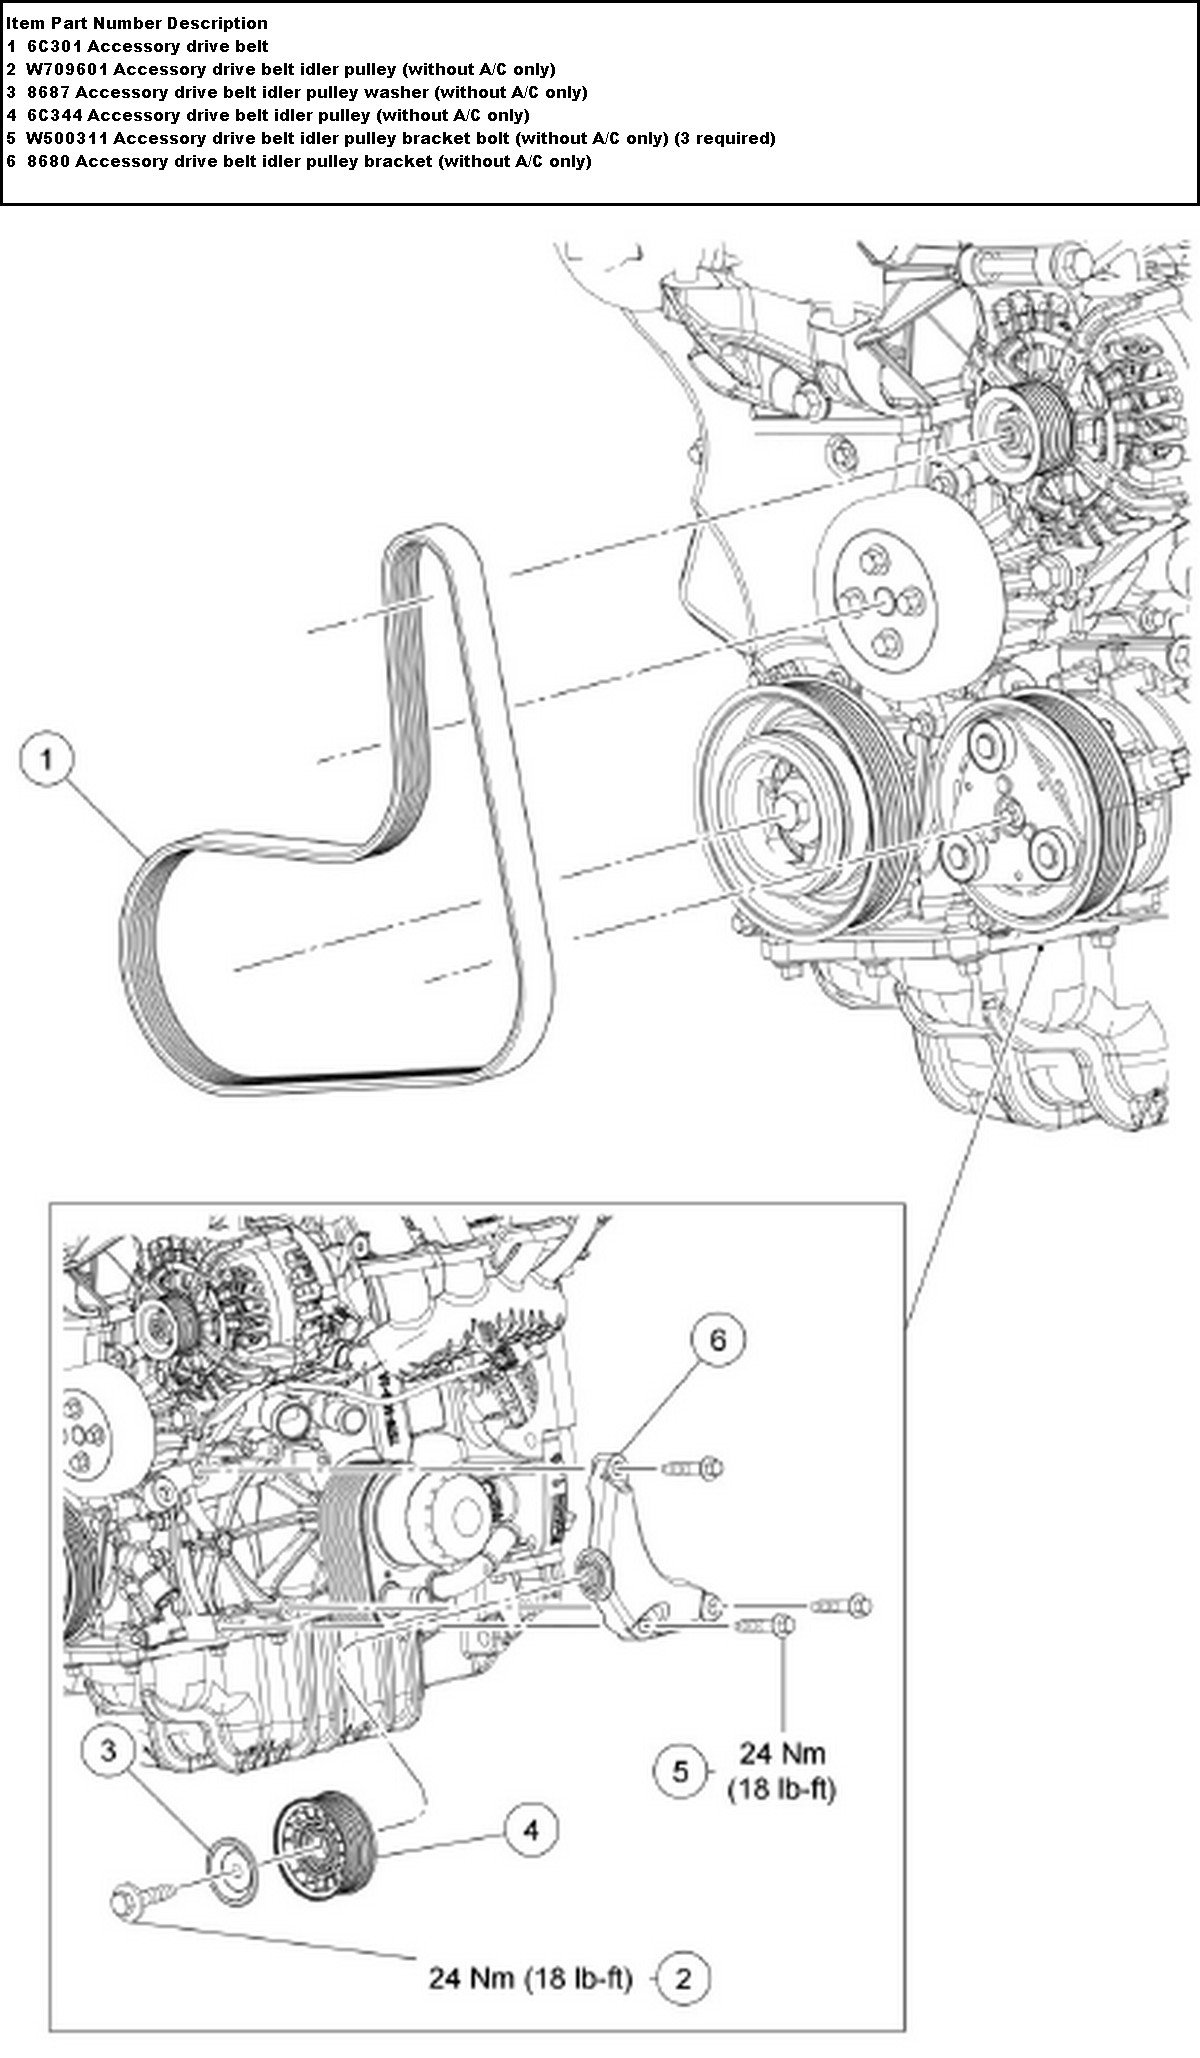 700cl Information Change Serpentine Belt on Ford Escape Engine Diagram